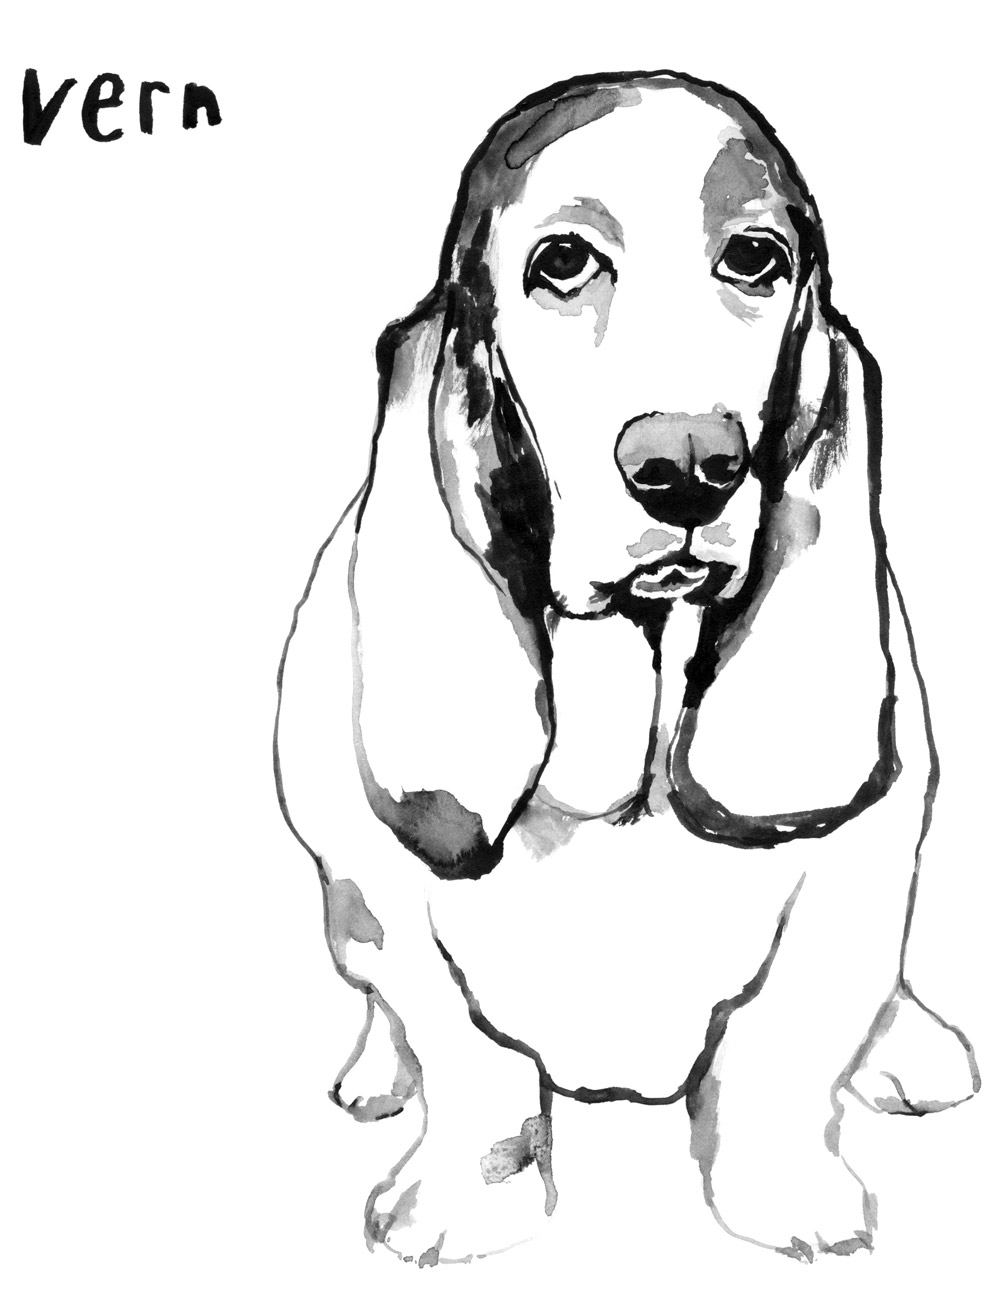 Pup_vern